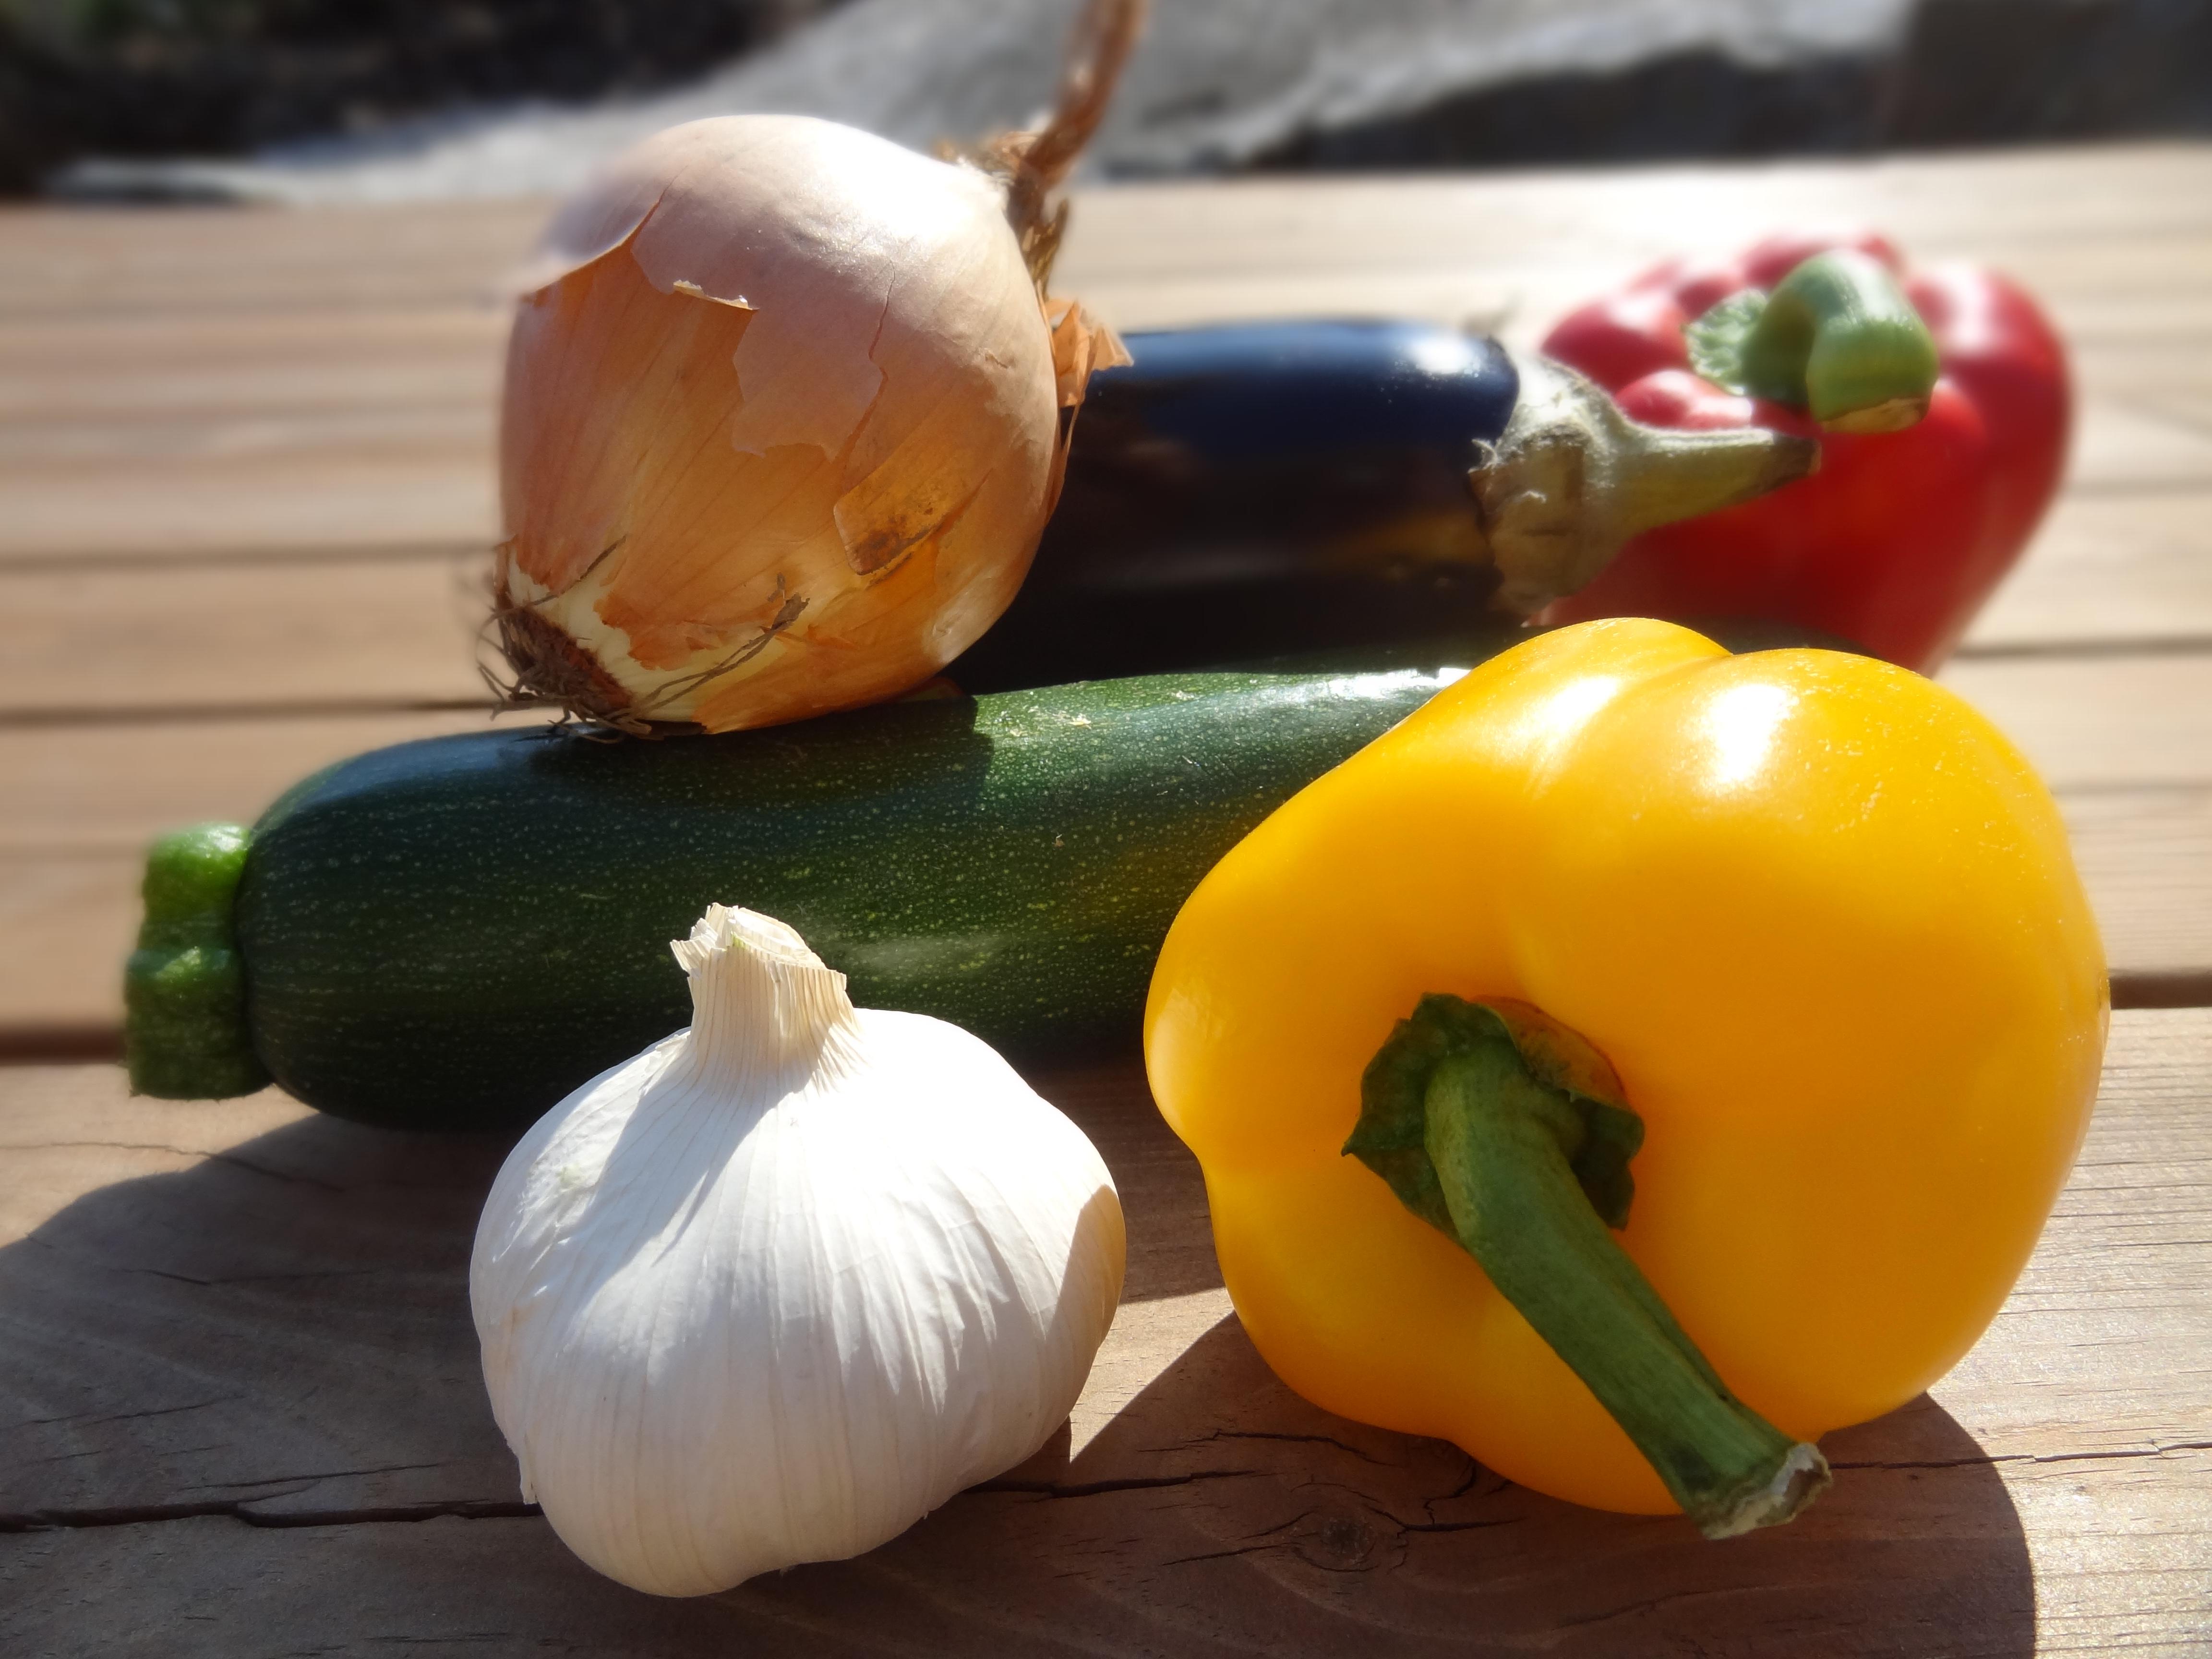 Det kan inte bli annat än gott med så mycket goda grönsaker :)